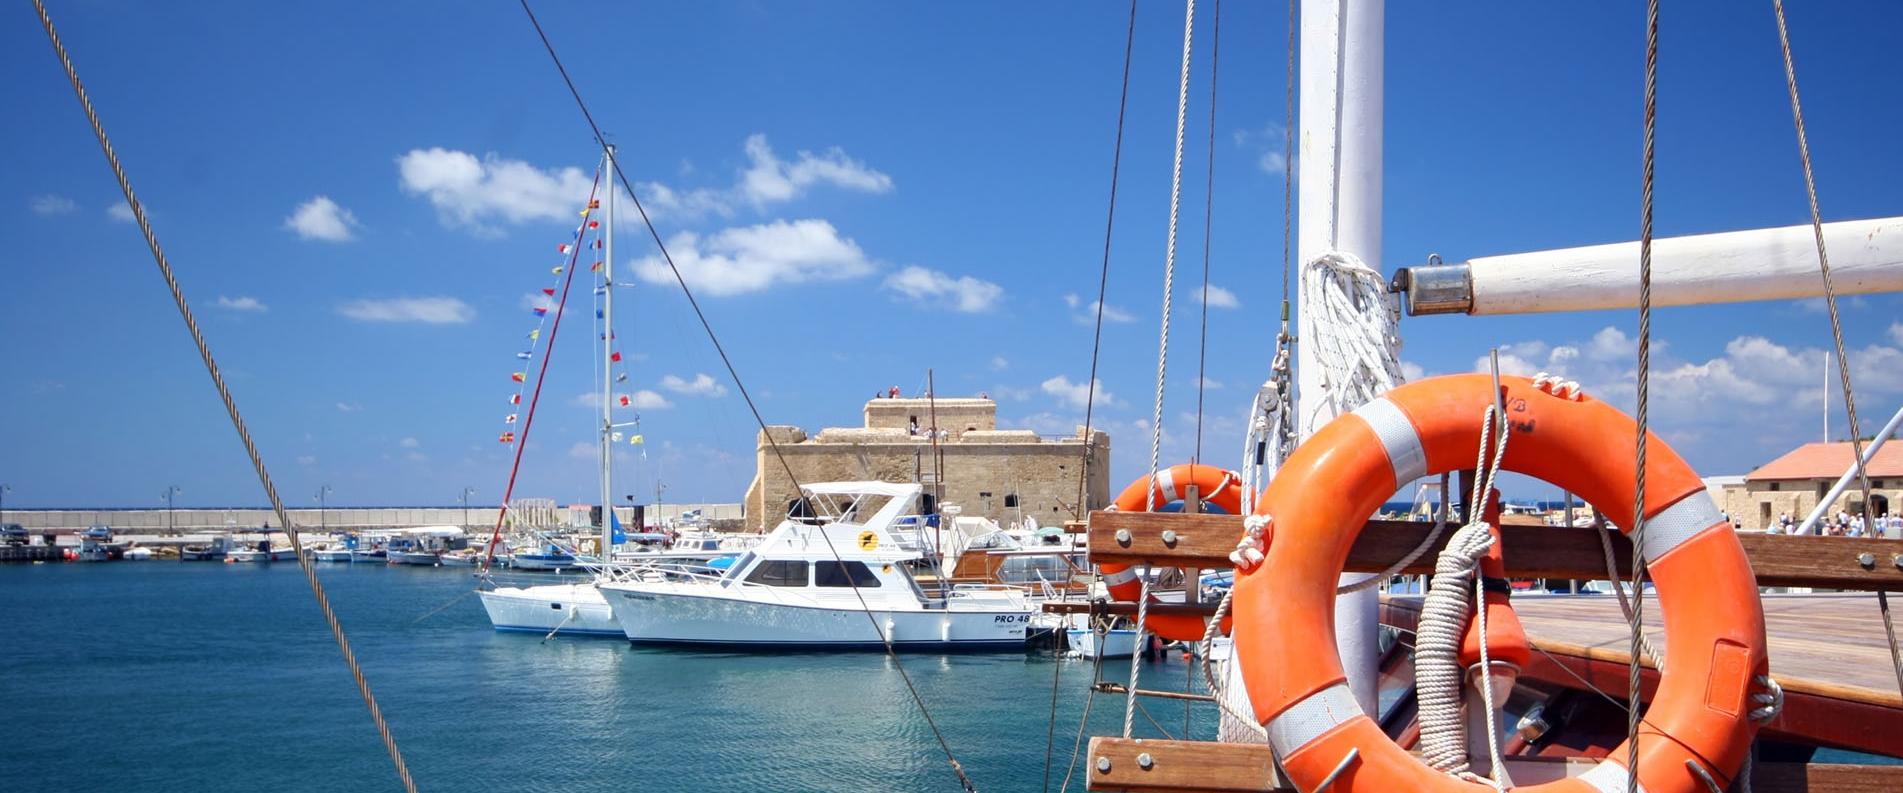 Куда пойти в Пафосе: музеи, развлечения и рестораны